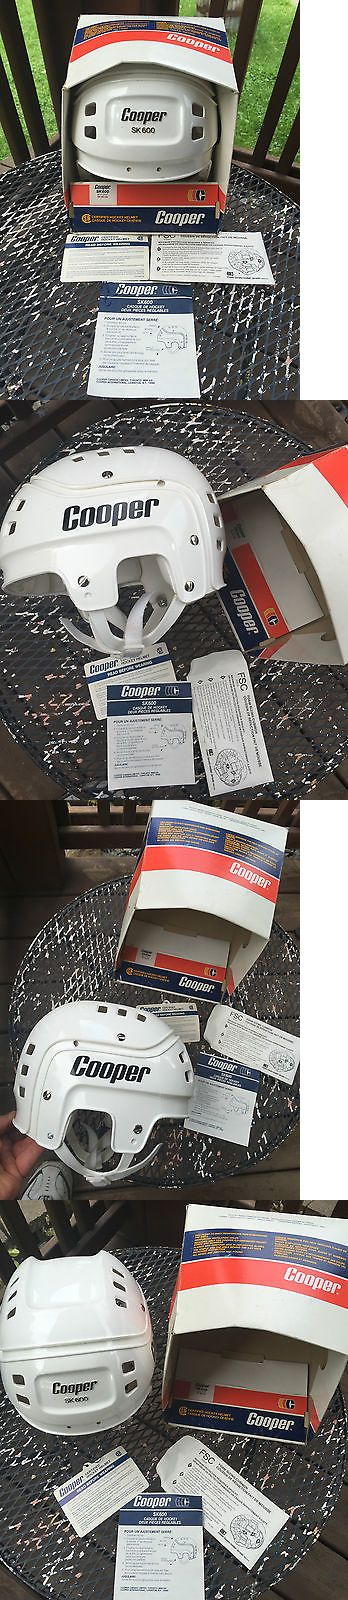 Helmets 20854: Vintage Cooper Sk600 Hockey Helmet W Box And Paperwork Unused Old Collector Helmet -> BUY IT NOW ONLY: $249.99 on eBay!